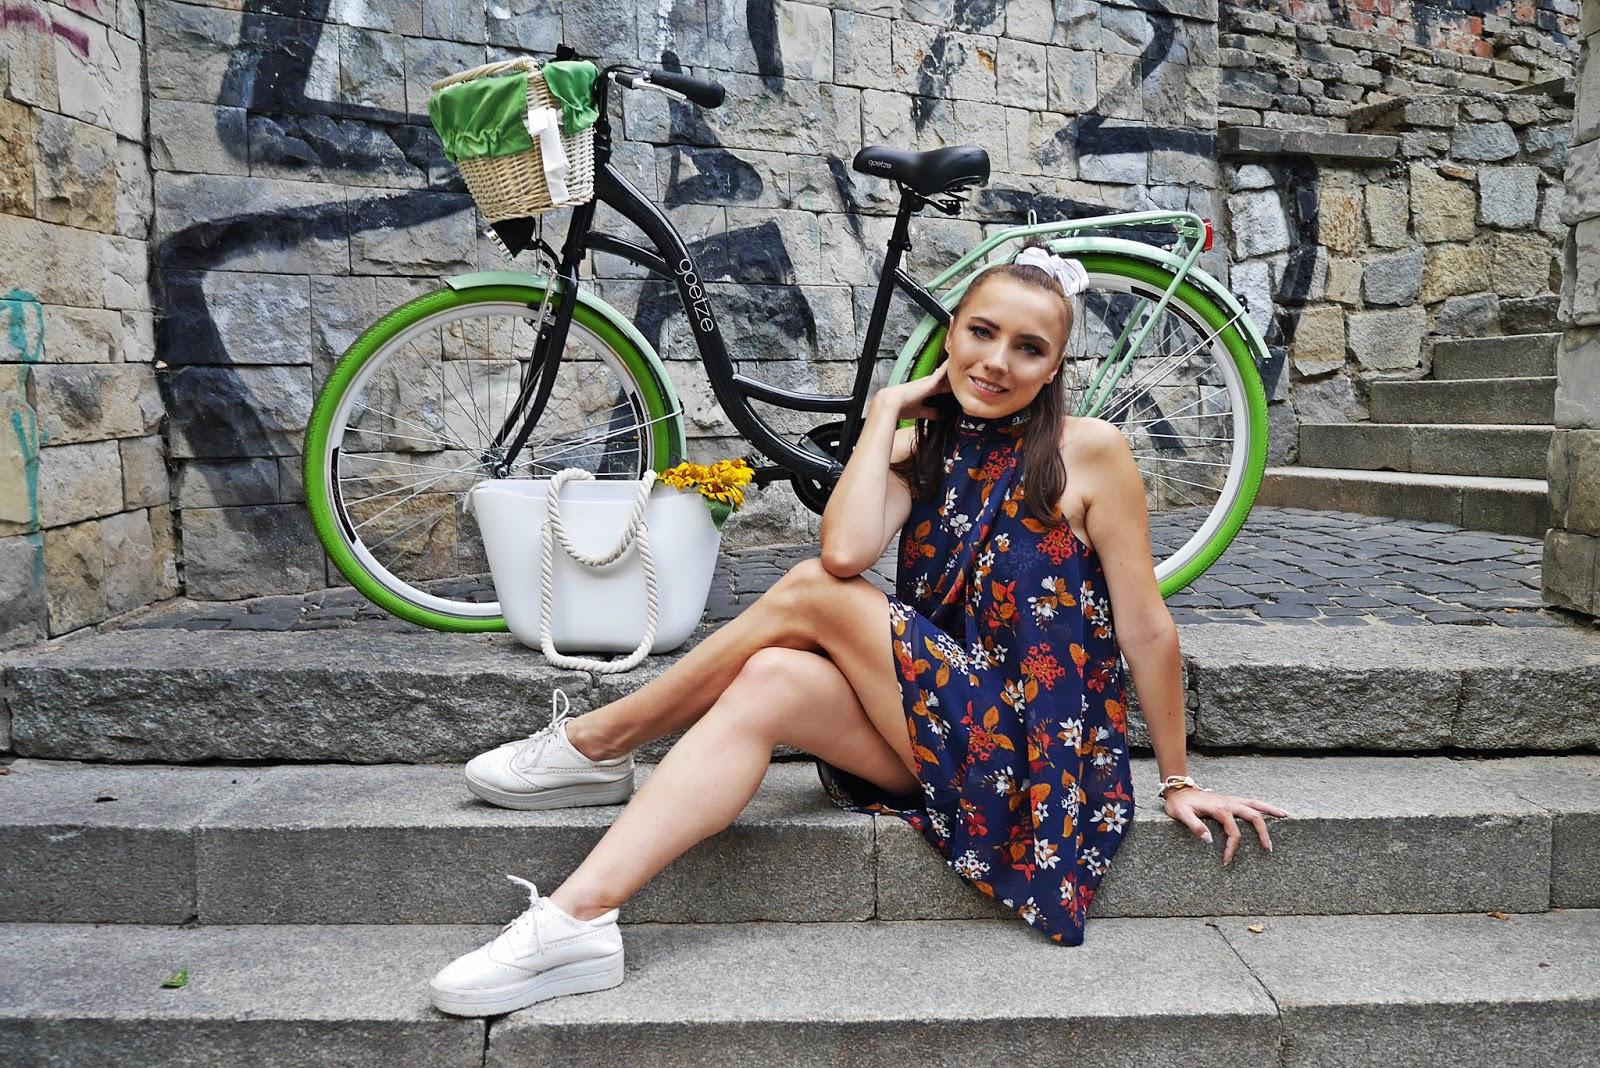 stylizacja na rower goetze czarno zielony opony sukienka w kwiaty karyn blog modowy blogerka modowa